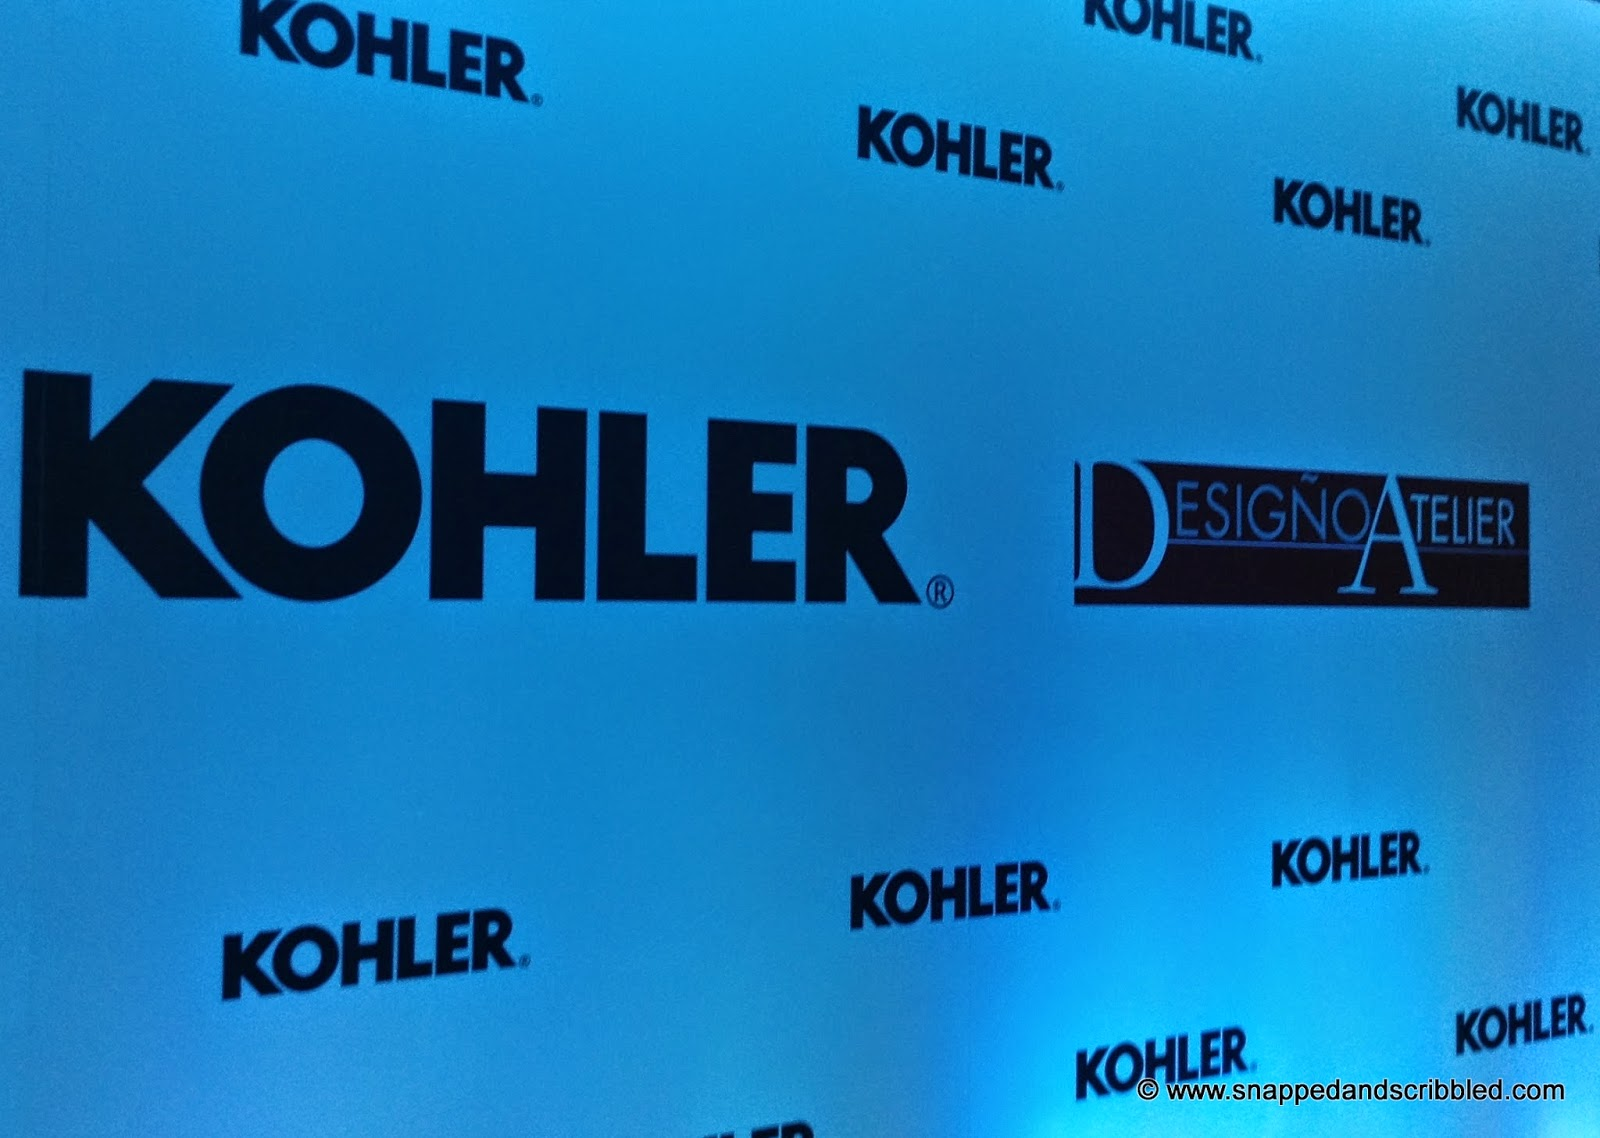 Kohler Showroom Opening at Designo Atelier